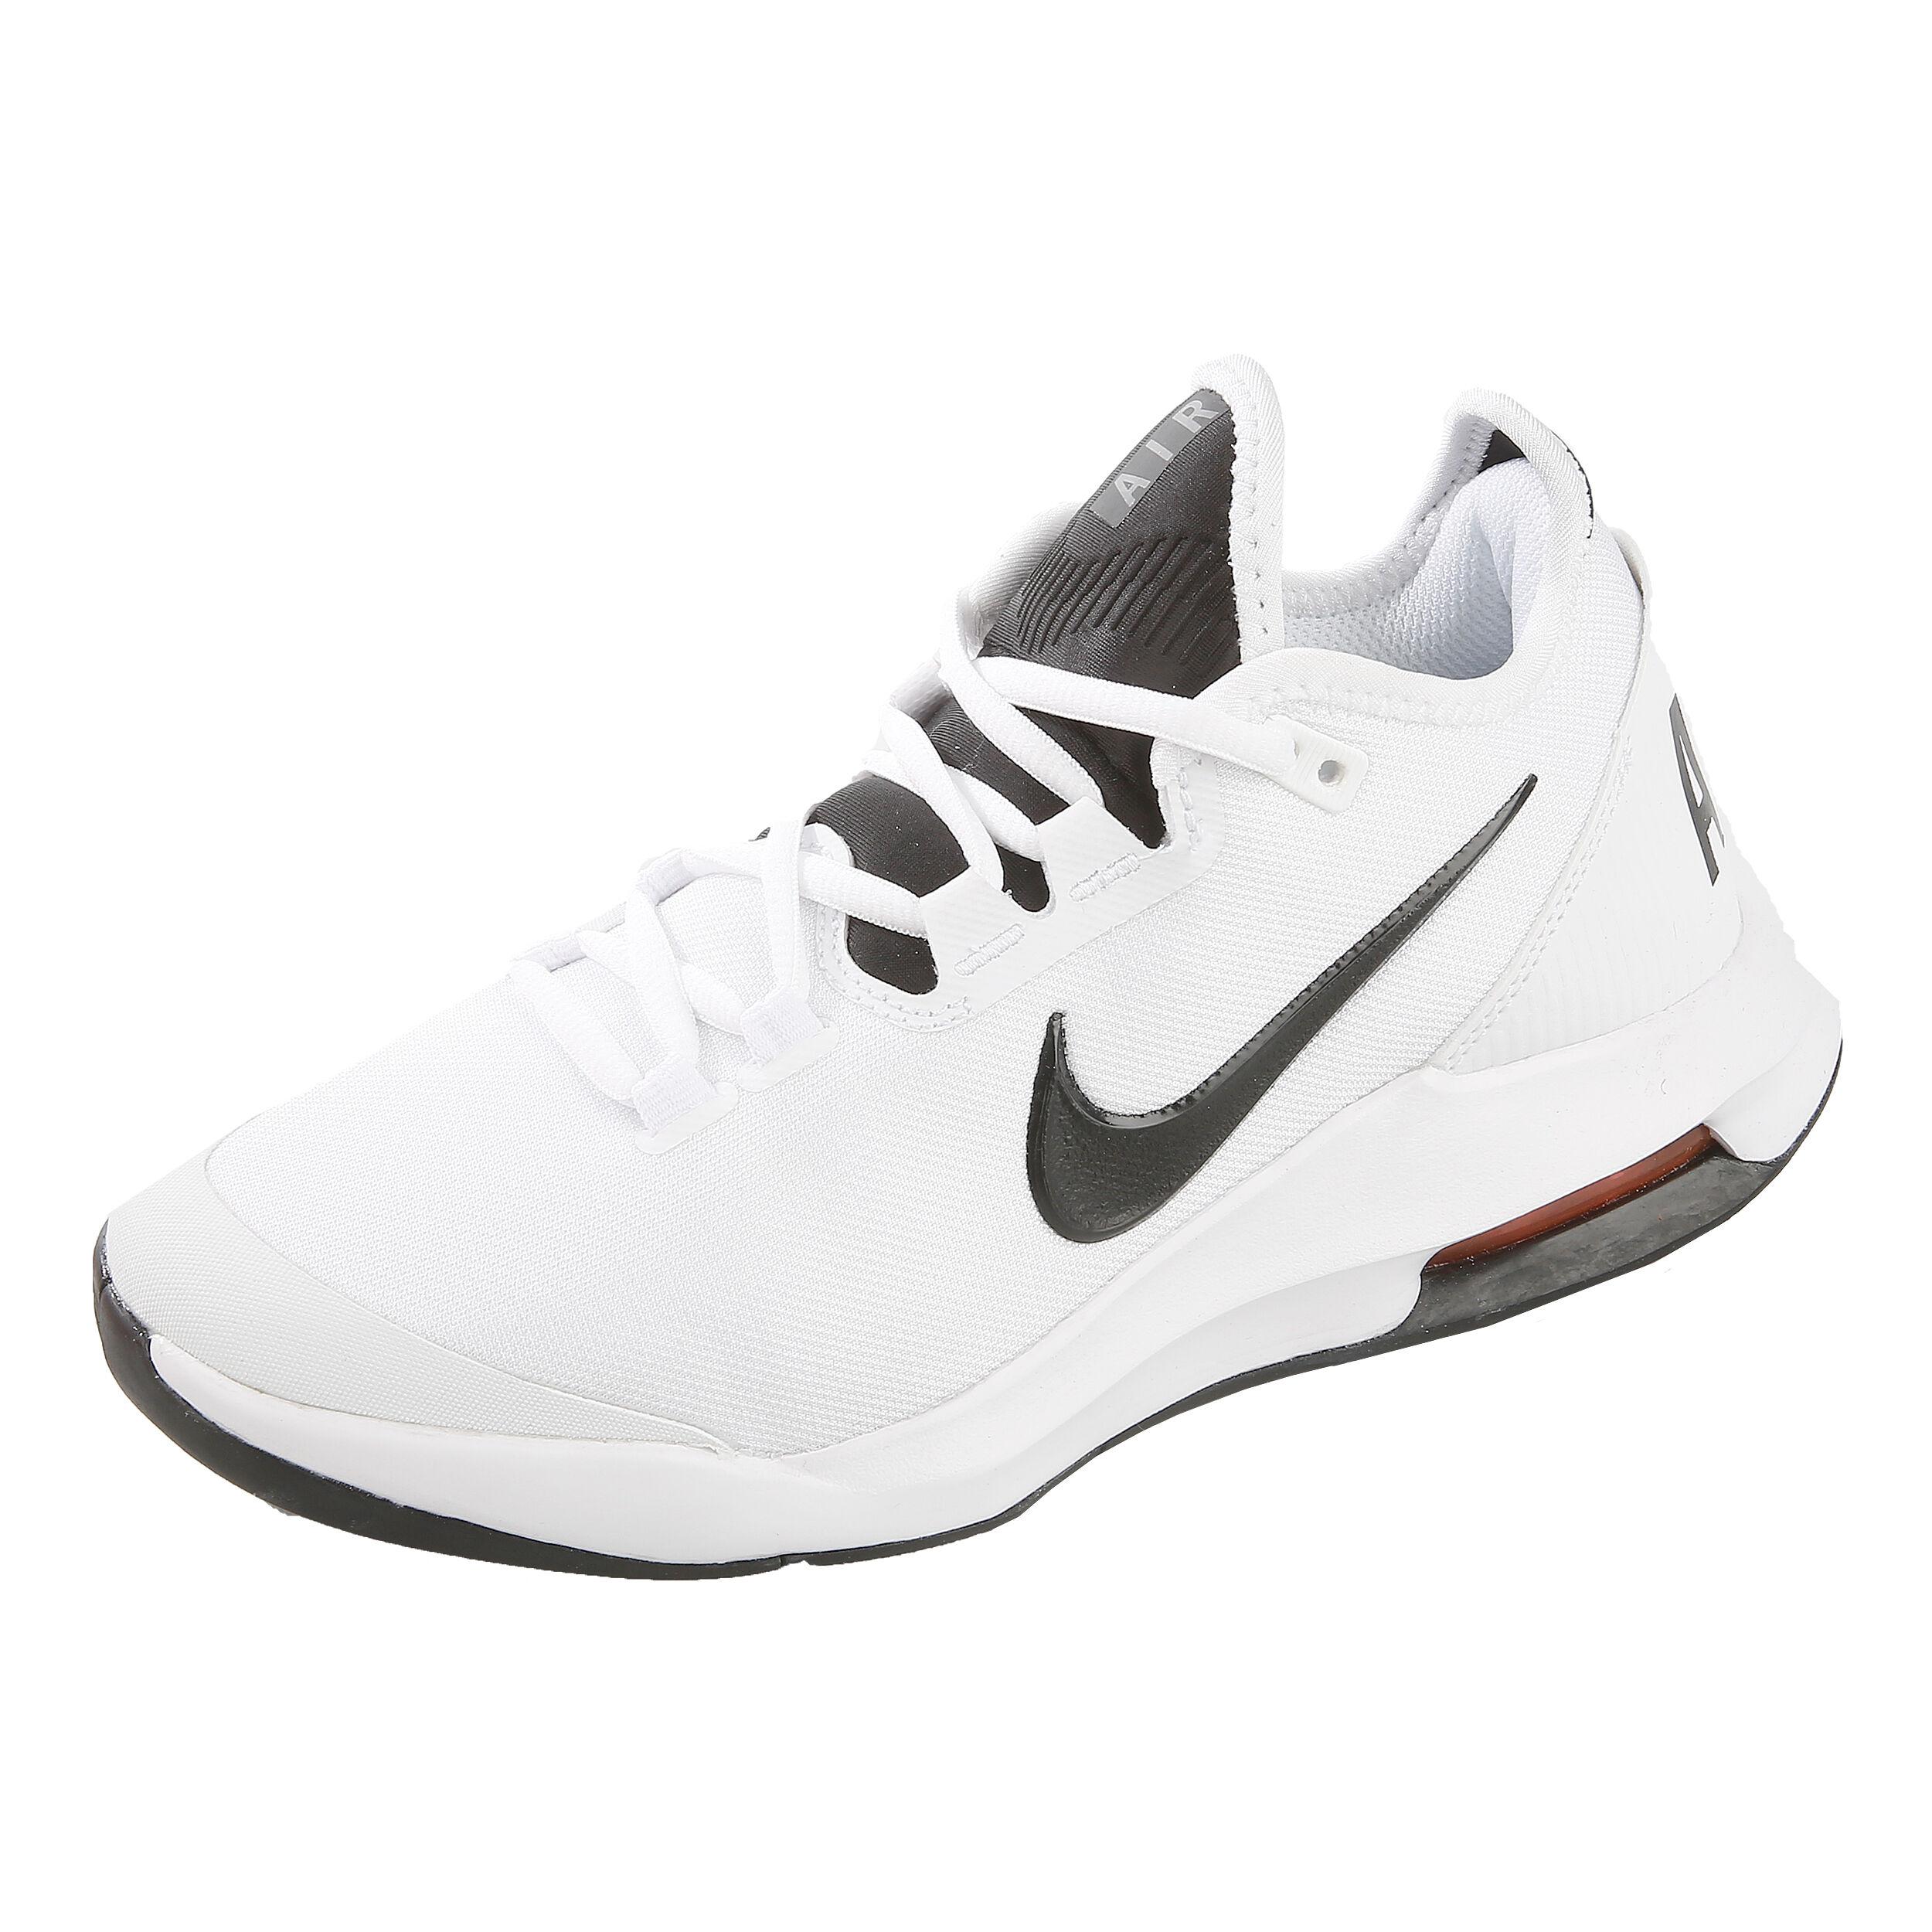 Nike Air Max Wildcard Allcourtschuh Kinder Weiß, Schwarz